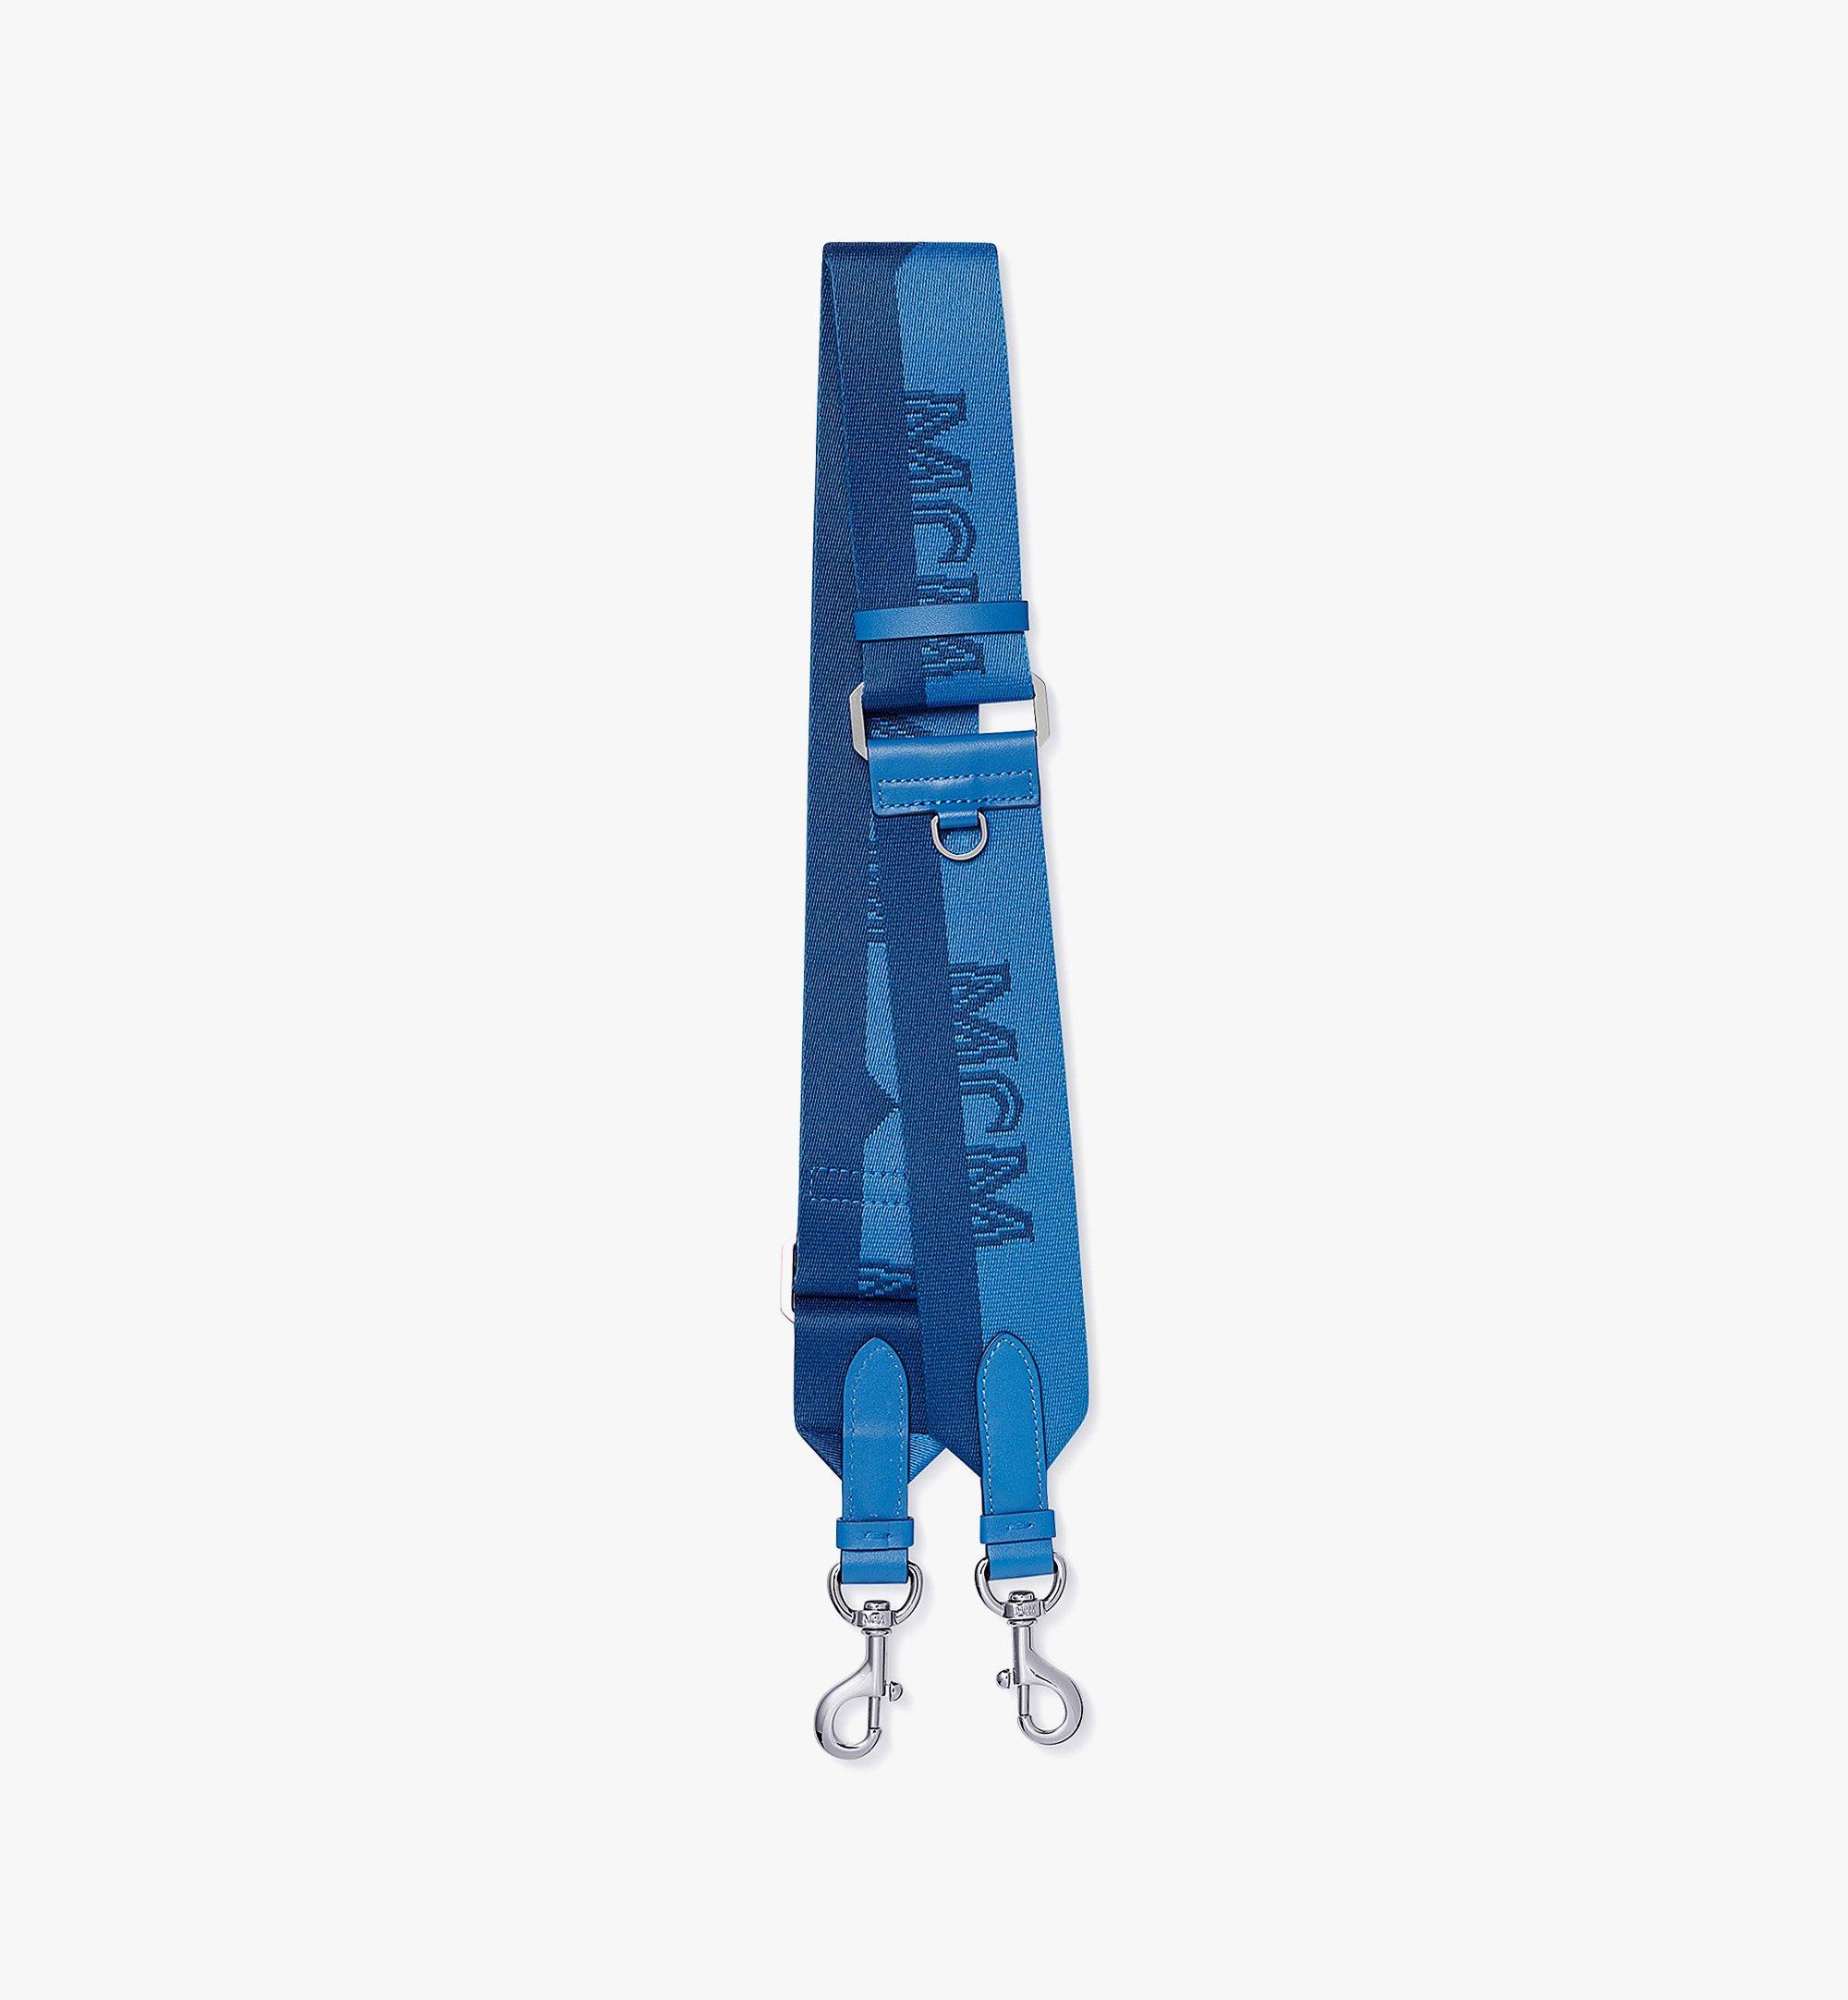 MCM Jacquard Shoulder Strap in Half-Logo Webbing Blue MYZBAMM03H9001 Alternate View 1